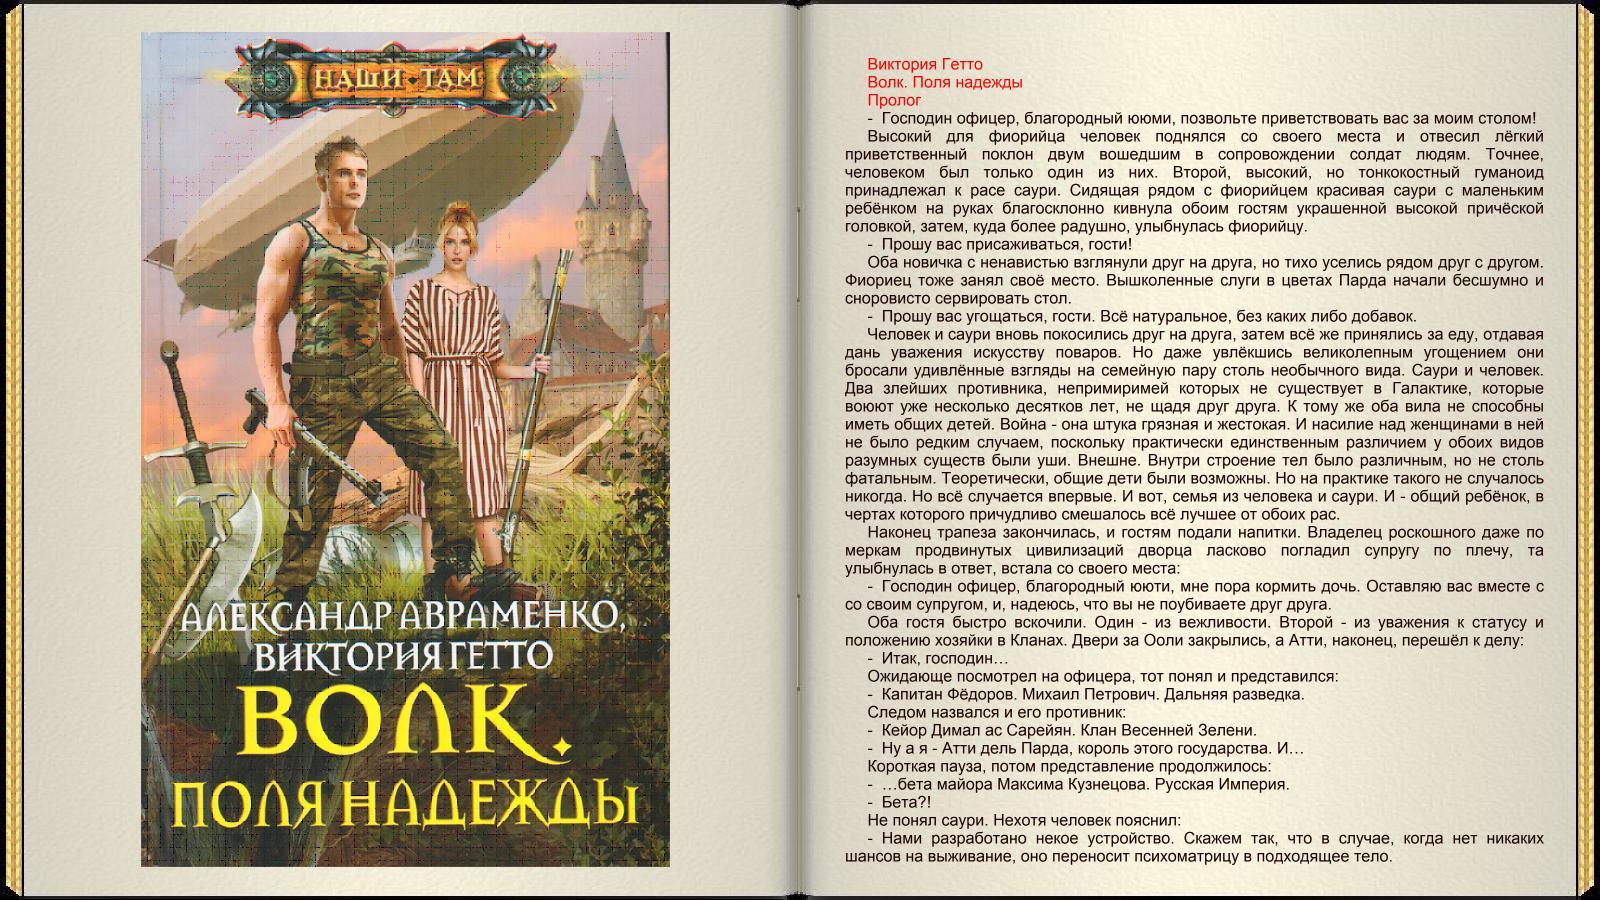 http://i1.imageban.ru/out/2016/01/29/db61f6e7f490628dce77e2be7d34ce6e.jpg